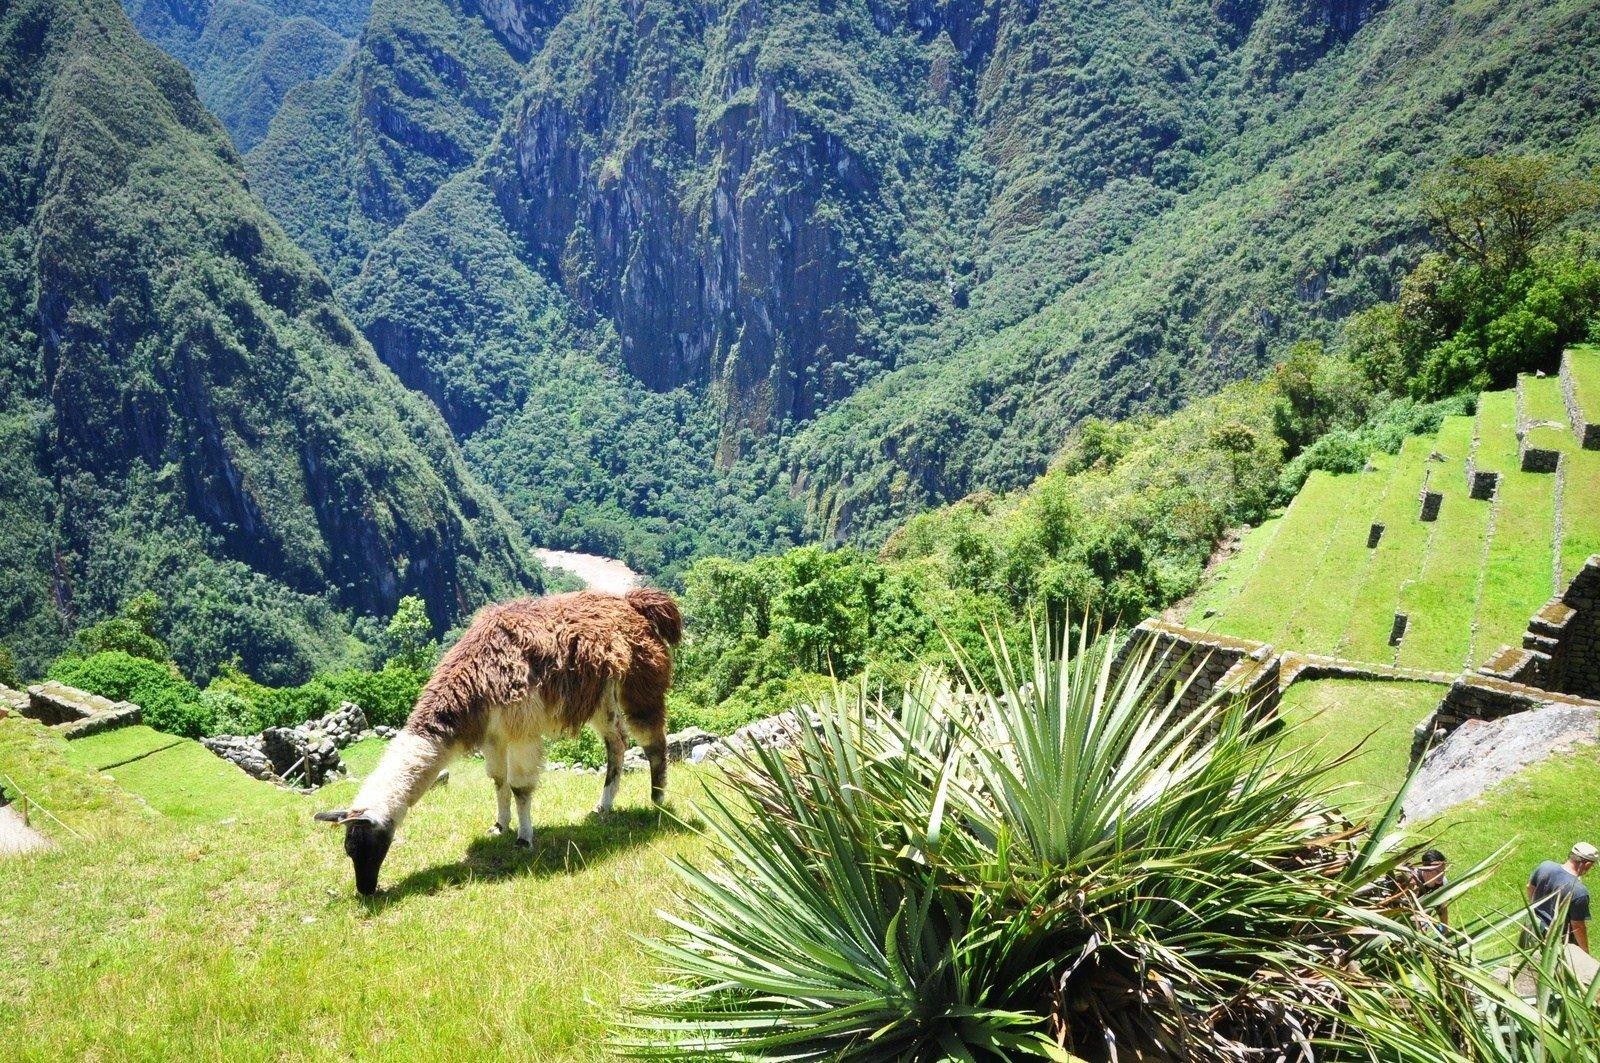 Lama, Machu Picchu Machu Picchu